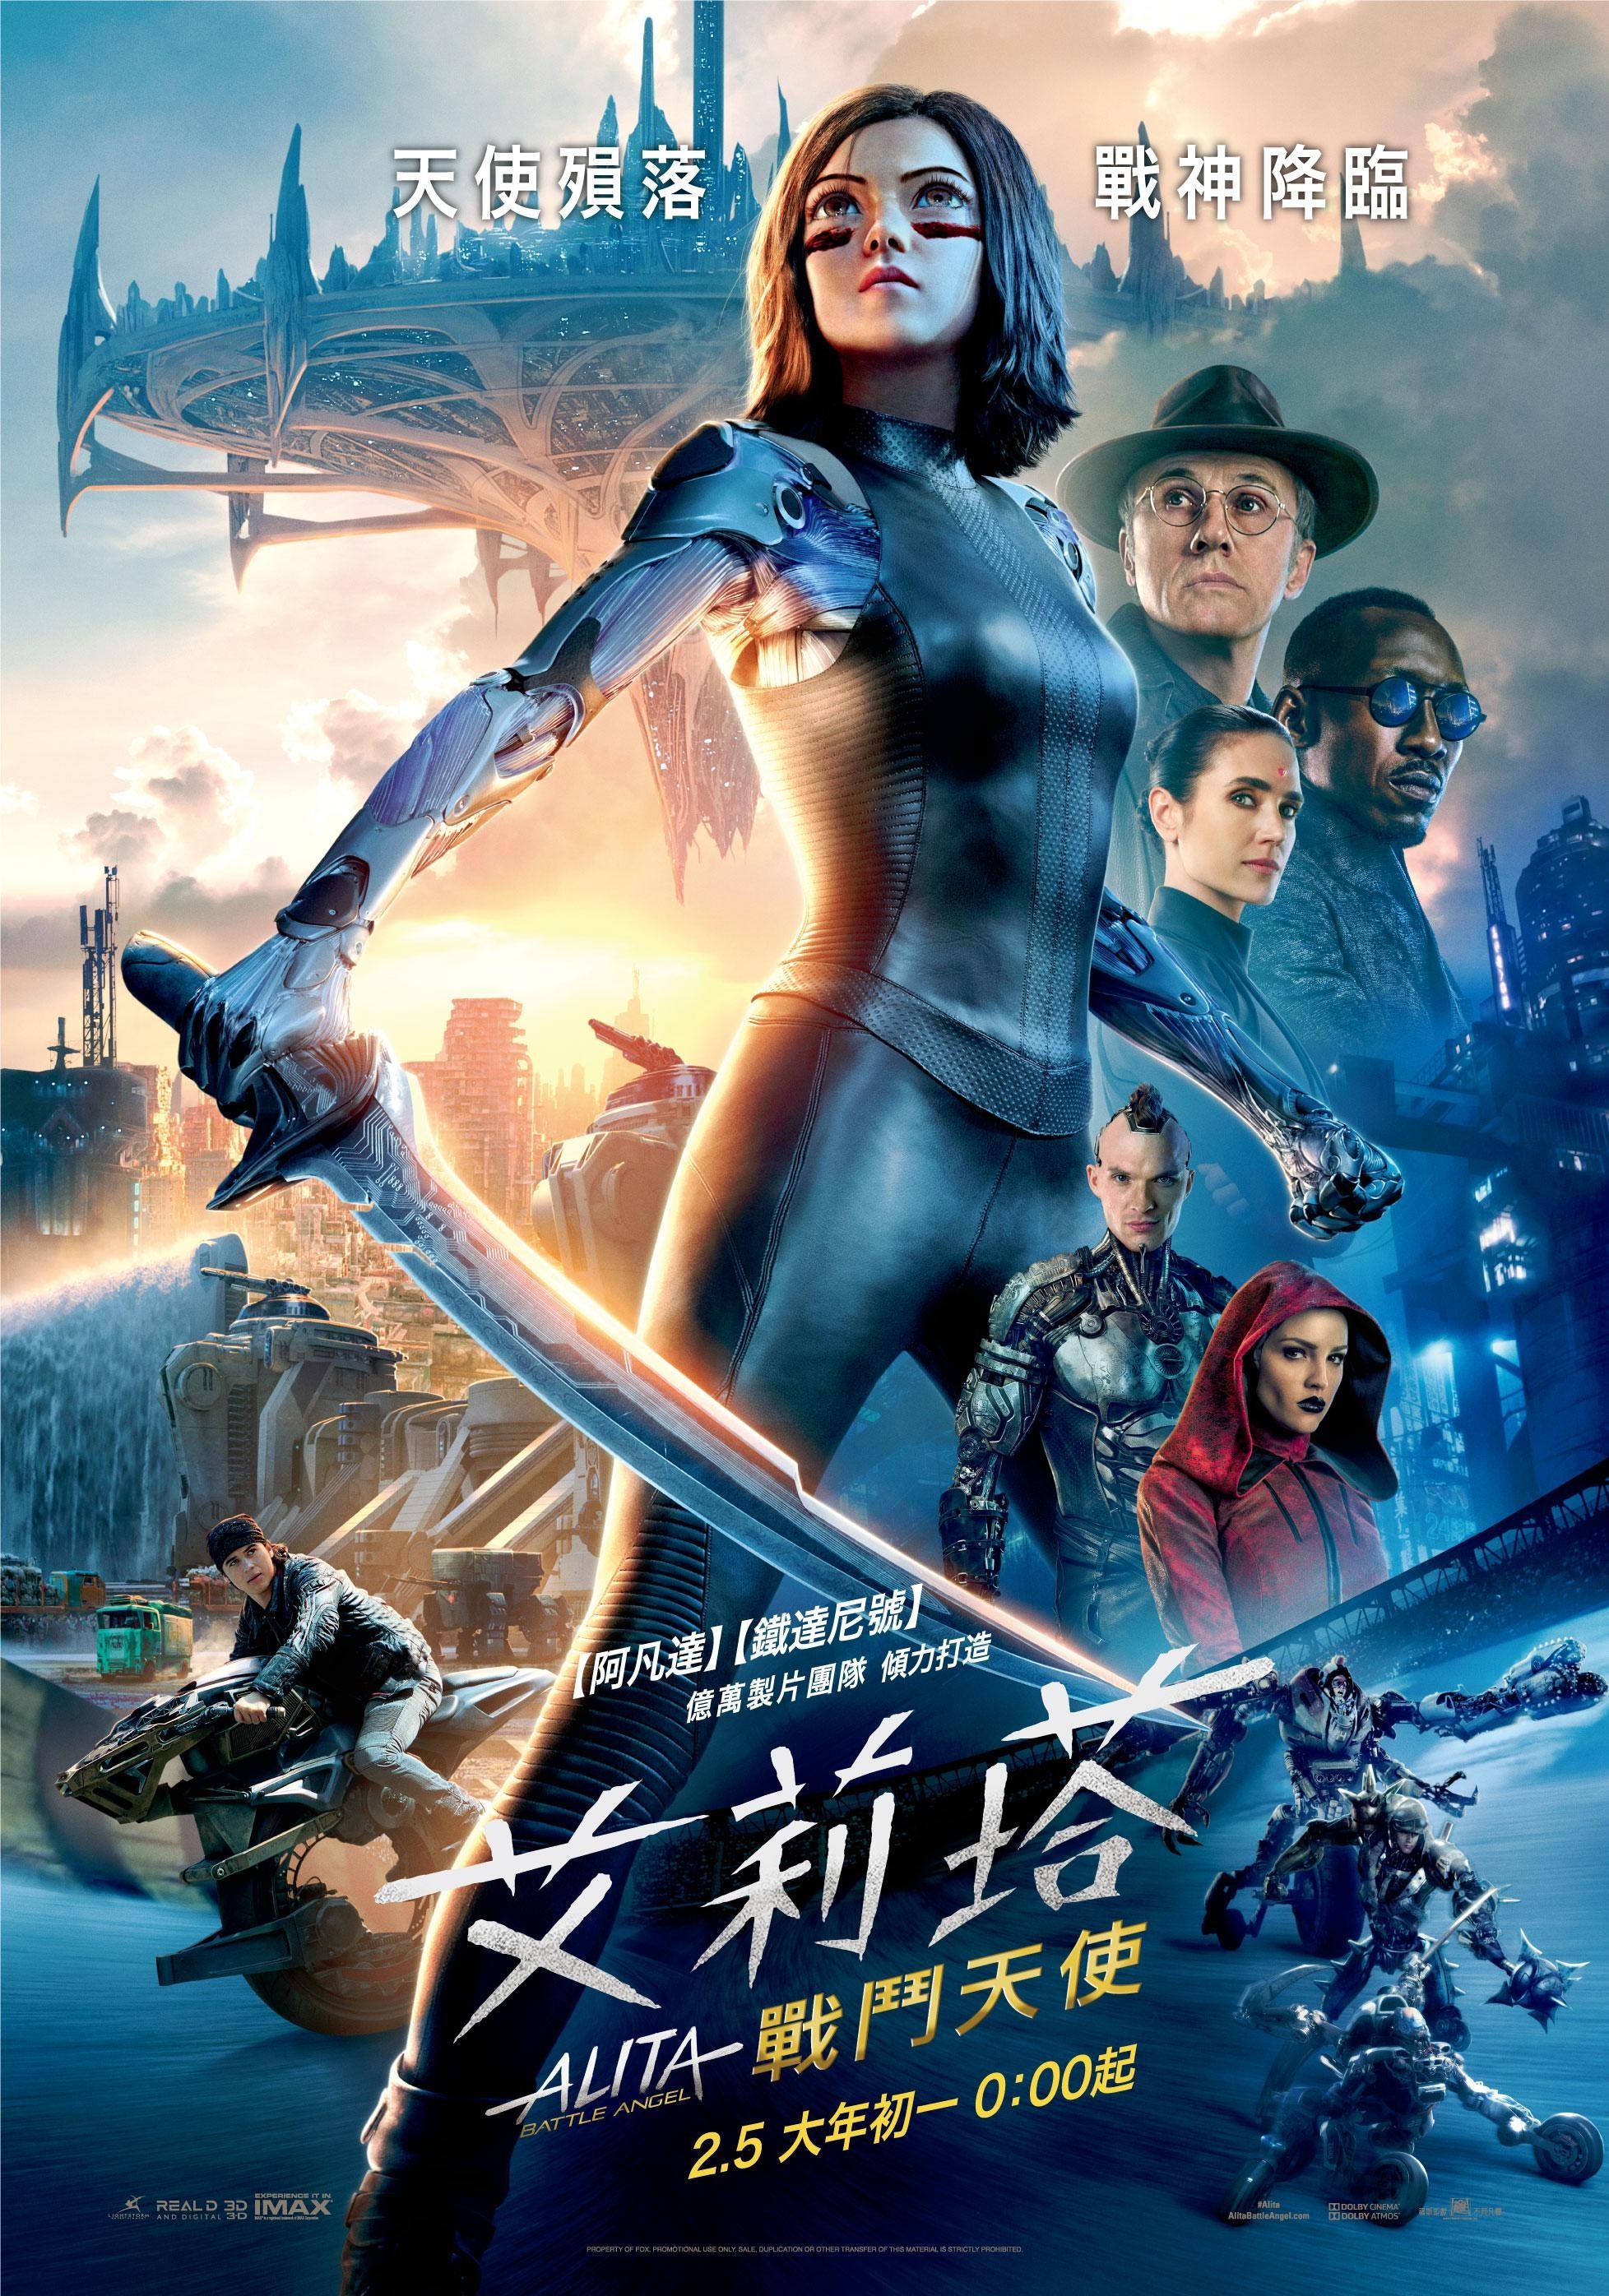 《艾莉塔:戰鬥天使》海報。(圖/福斯影業提供)